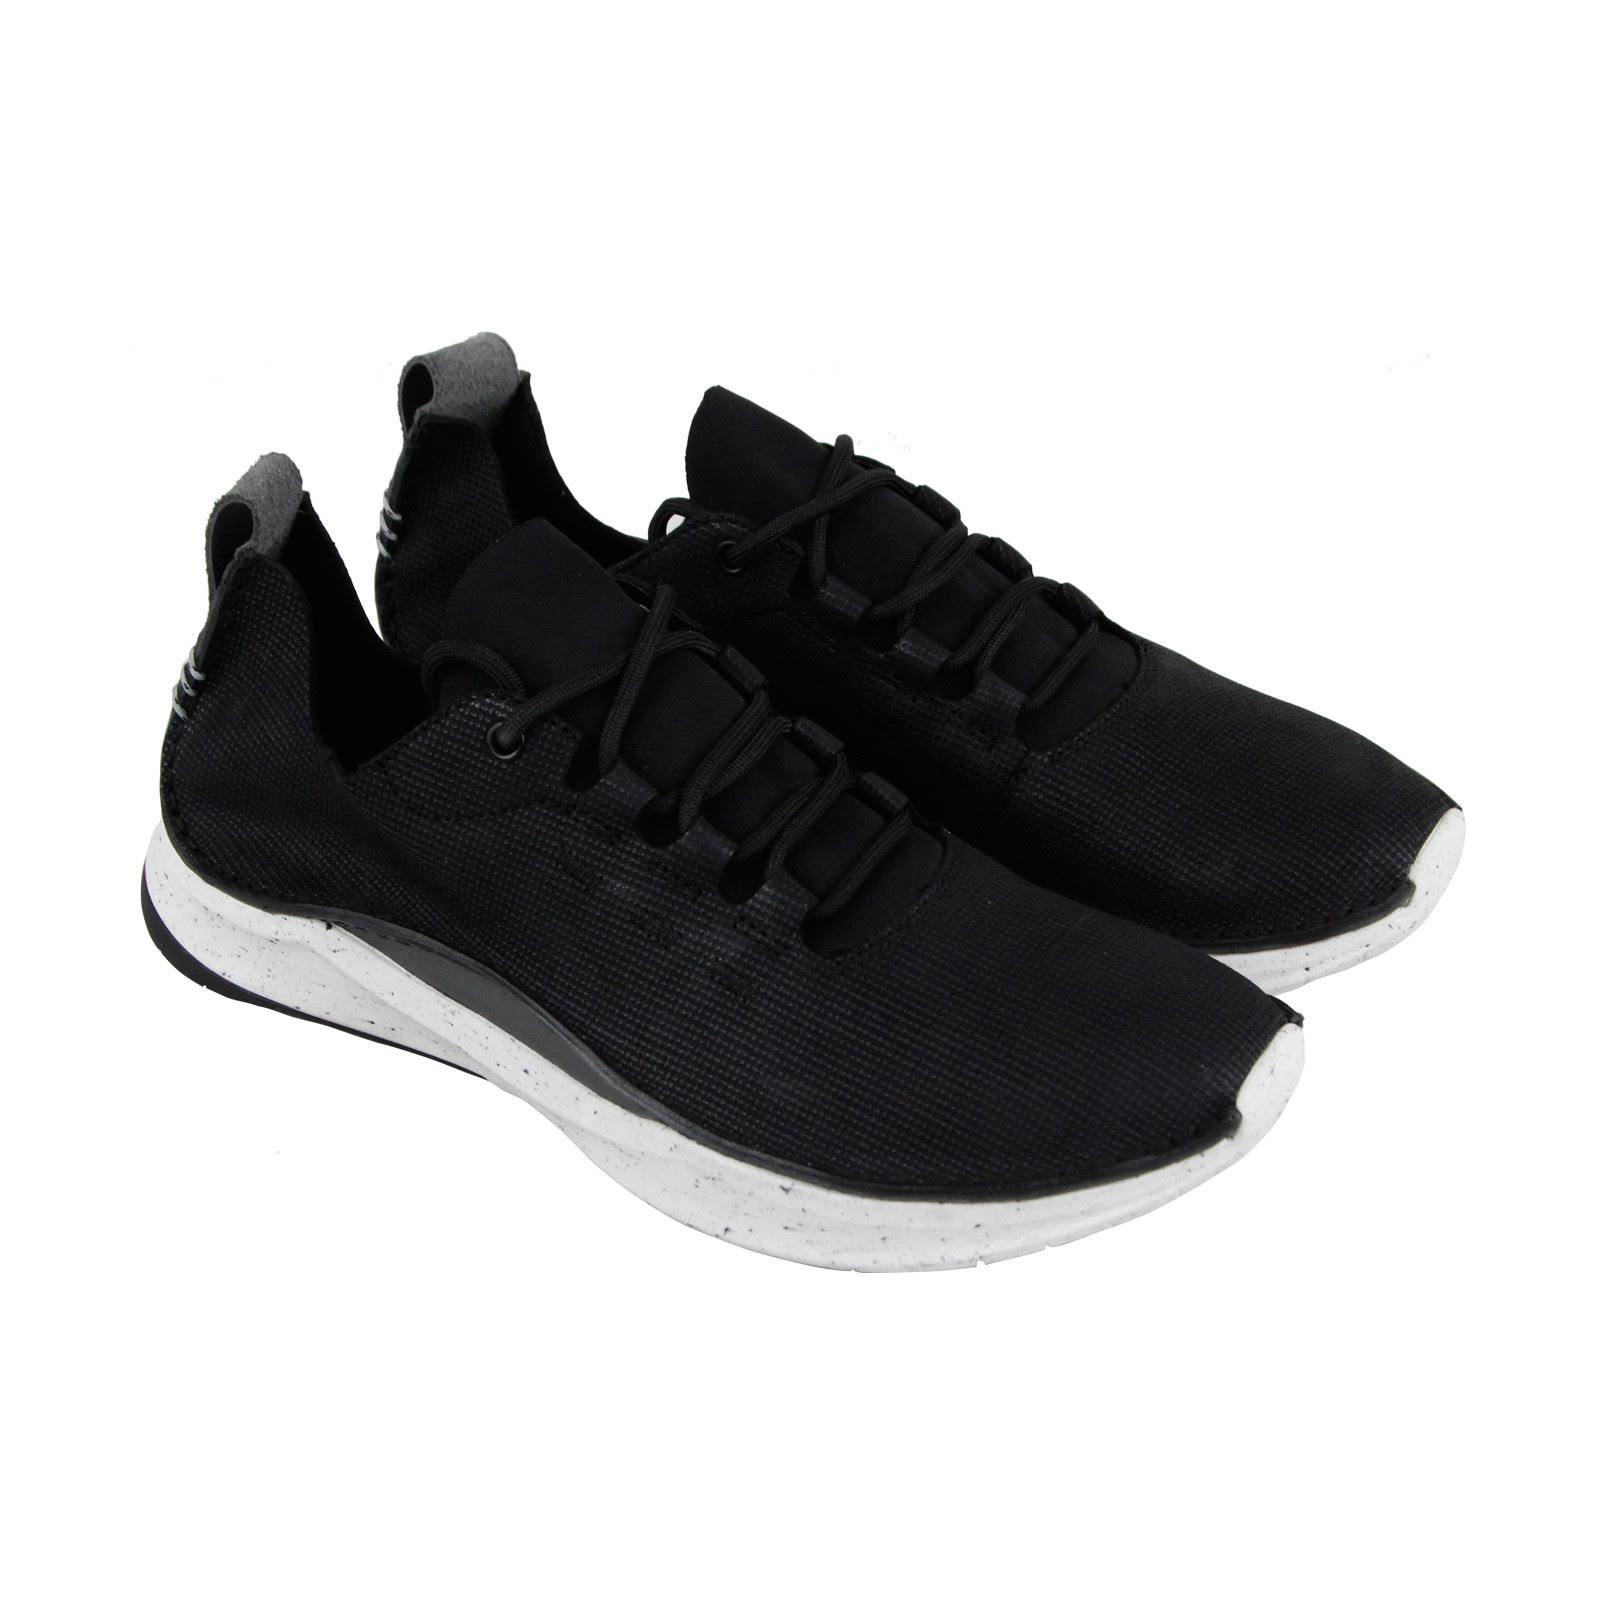 Von Privolutionlo Shoes Black Clarks Mens Größe Ruze 11 1q1STHw